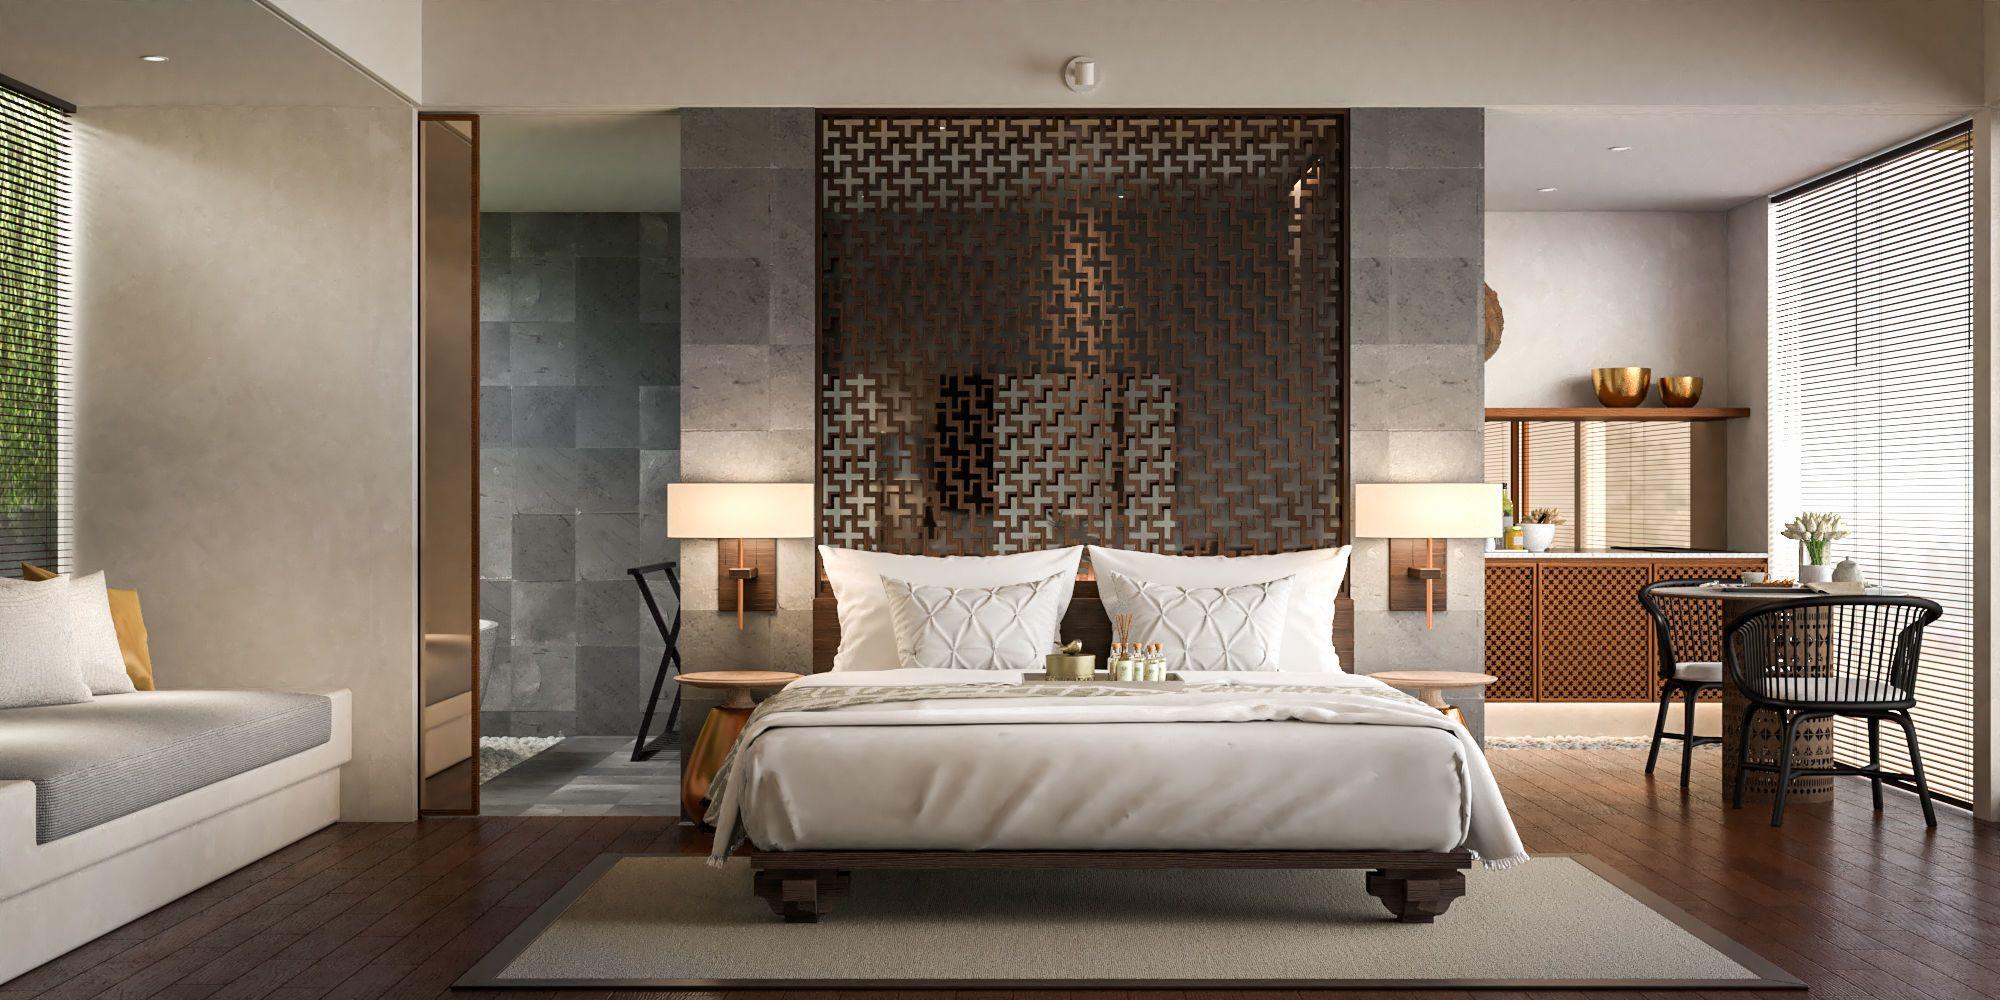 Interior Scene Hotel Villas Sketchup Vray 3D model